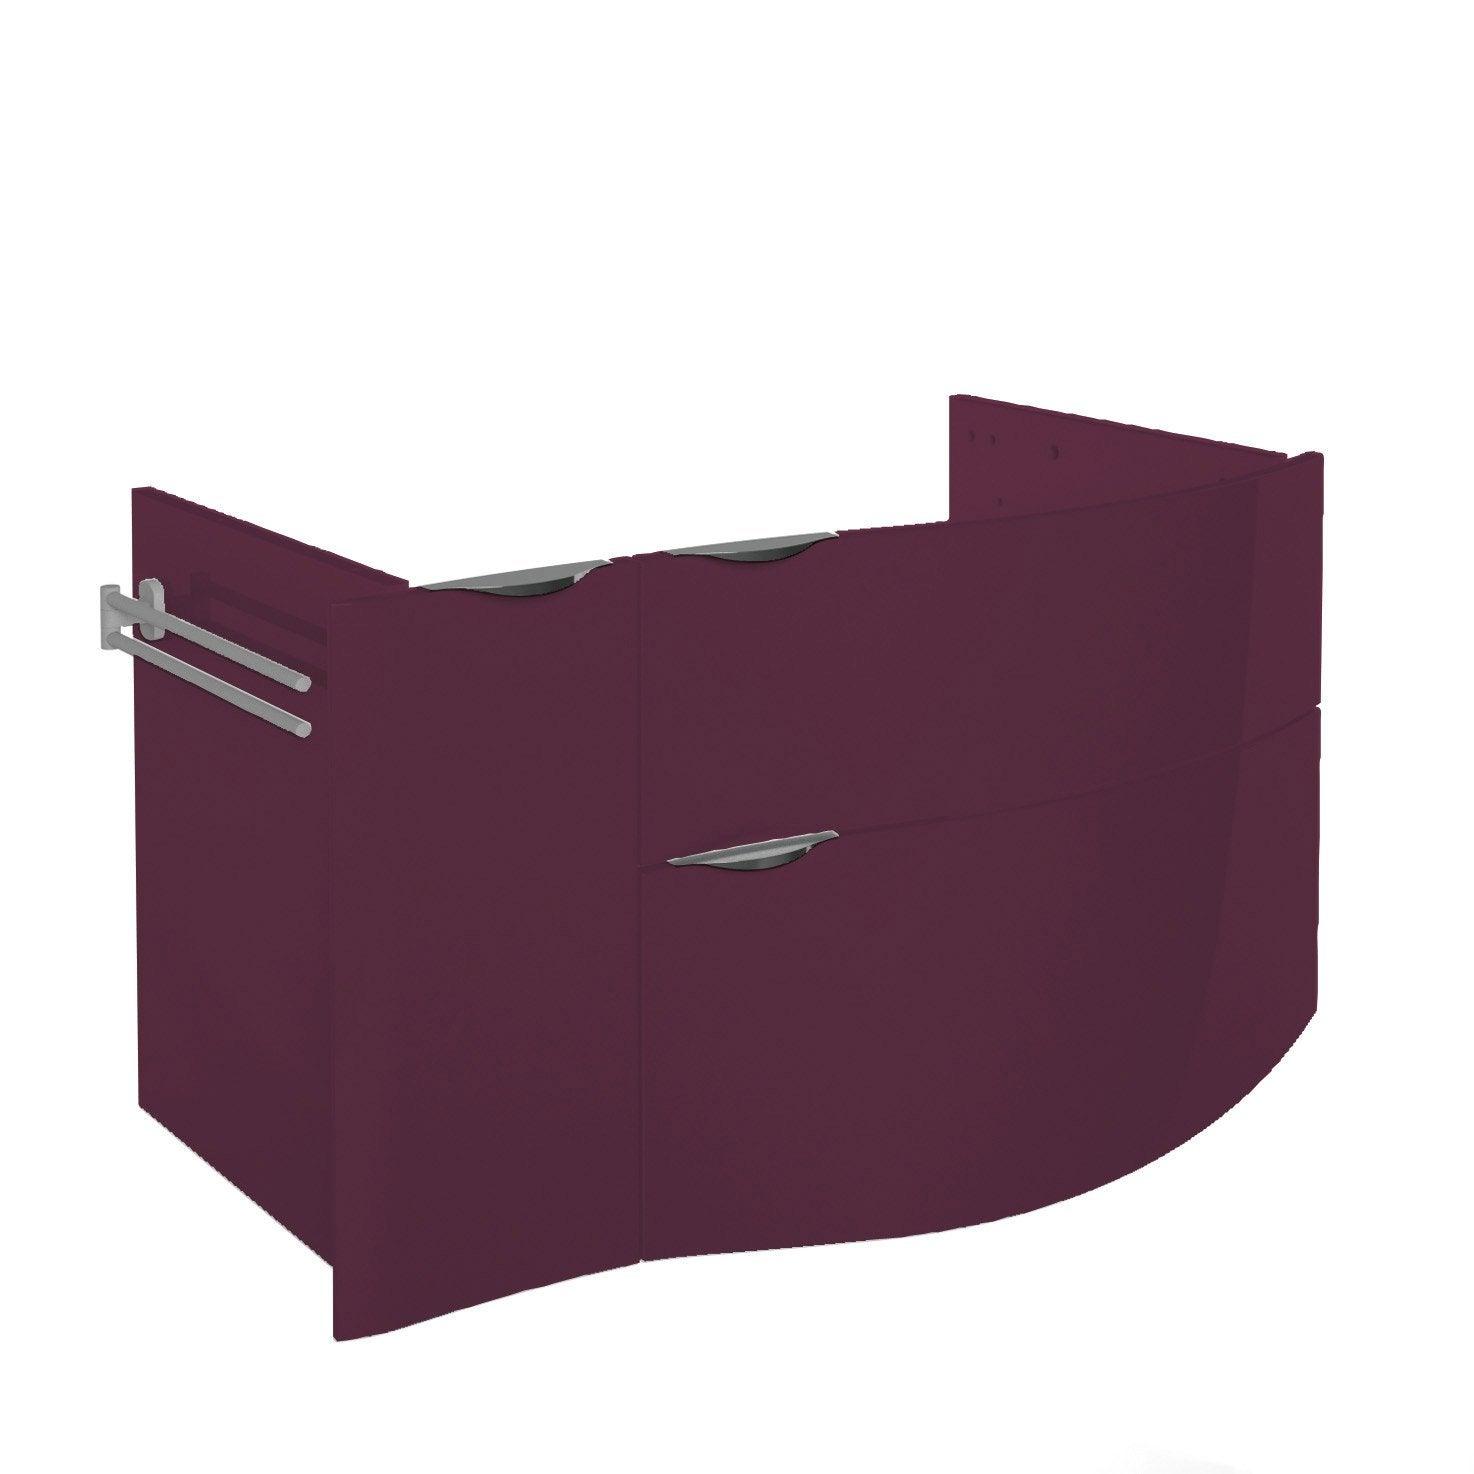 Meuble sous vasque x x cm violet for Meuble sous vasque 100 cm